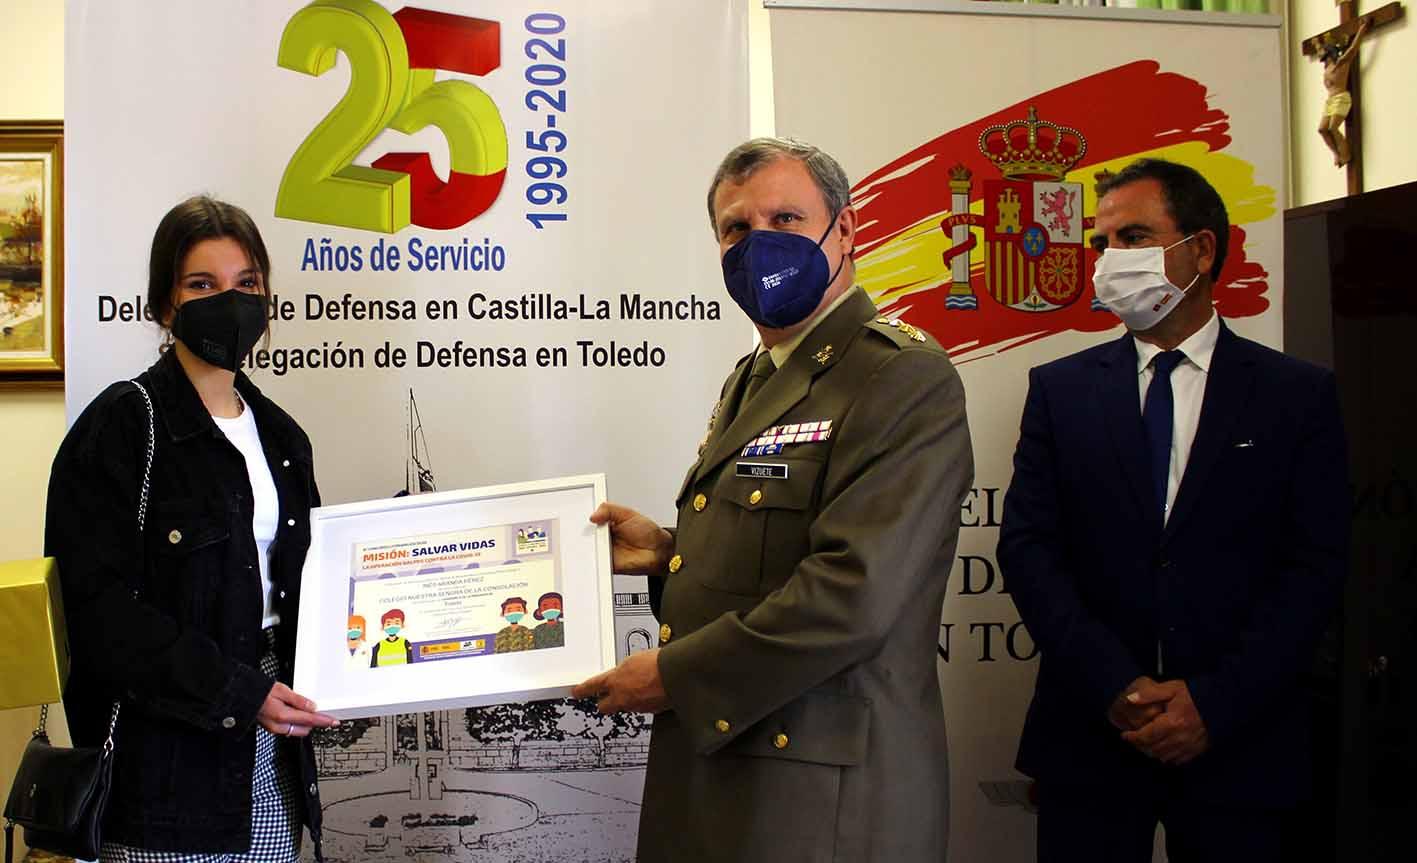 Entrega del Premio Carta a un militar español